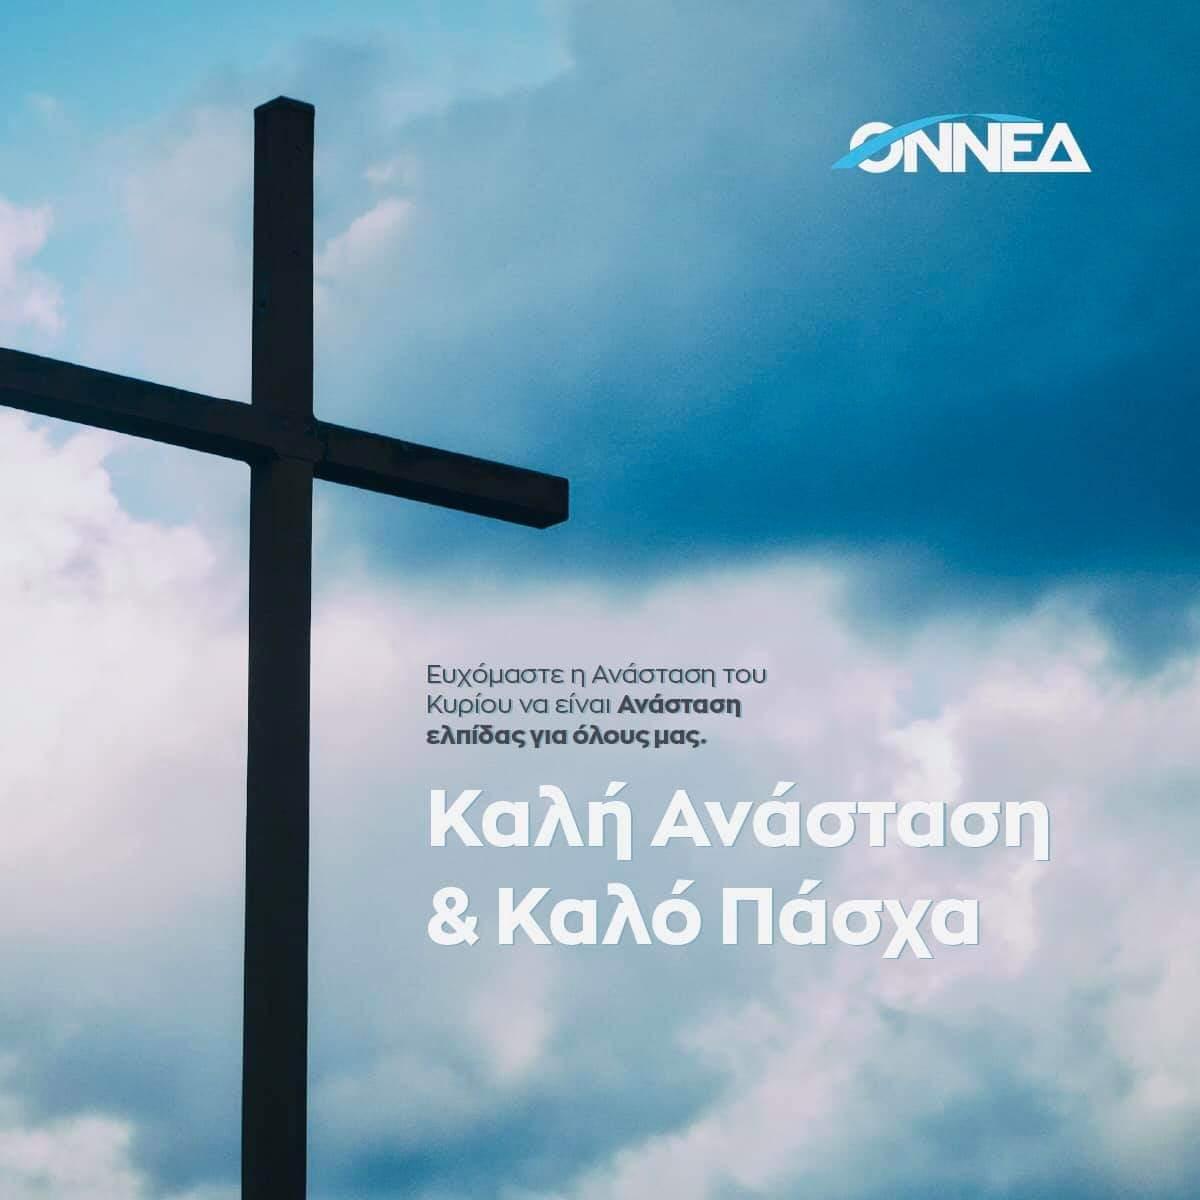 Η Ο.Ν.ΝΕ.Δ σας εύχεται Καλή Ανάσταση και Καλο Πάσχα